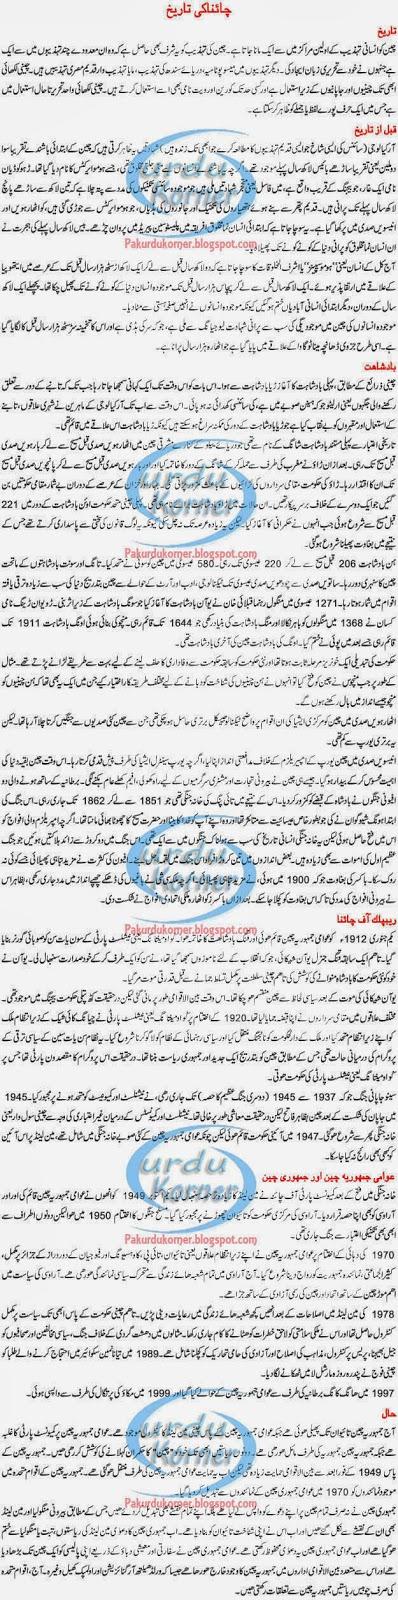 jalaluddin muhammad akbar history in urdu pdf